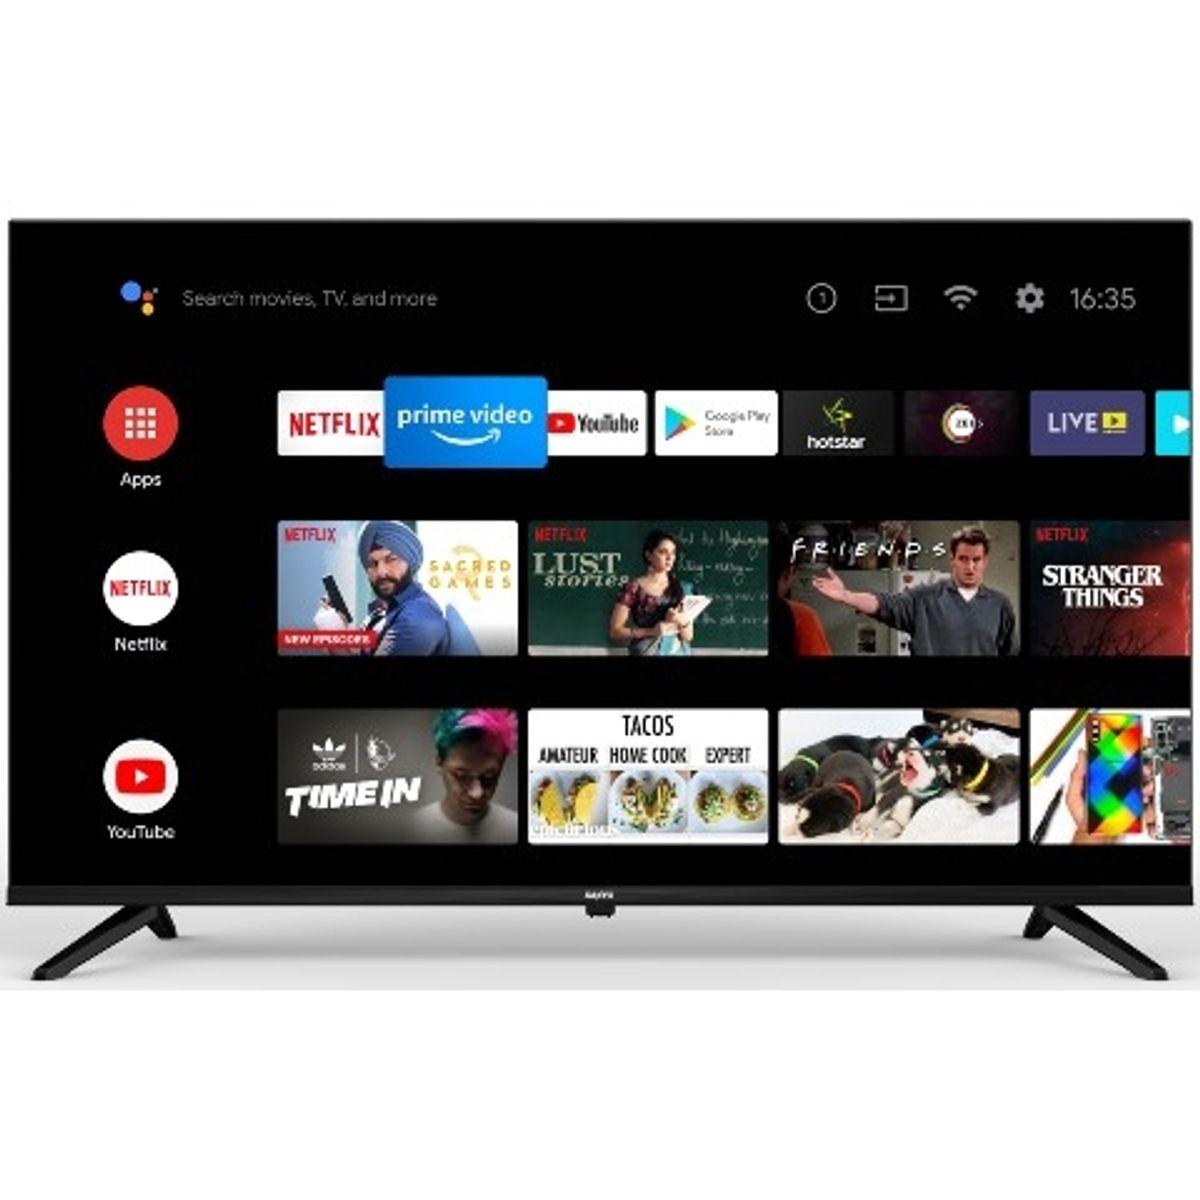 Panasonic's online brand Sanyo launches new Kaizen TV series